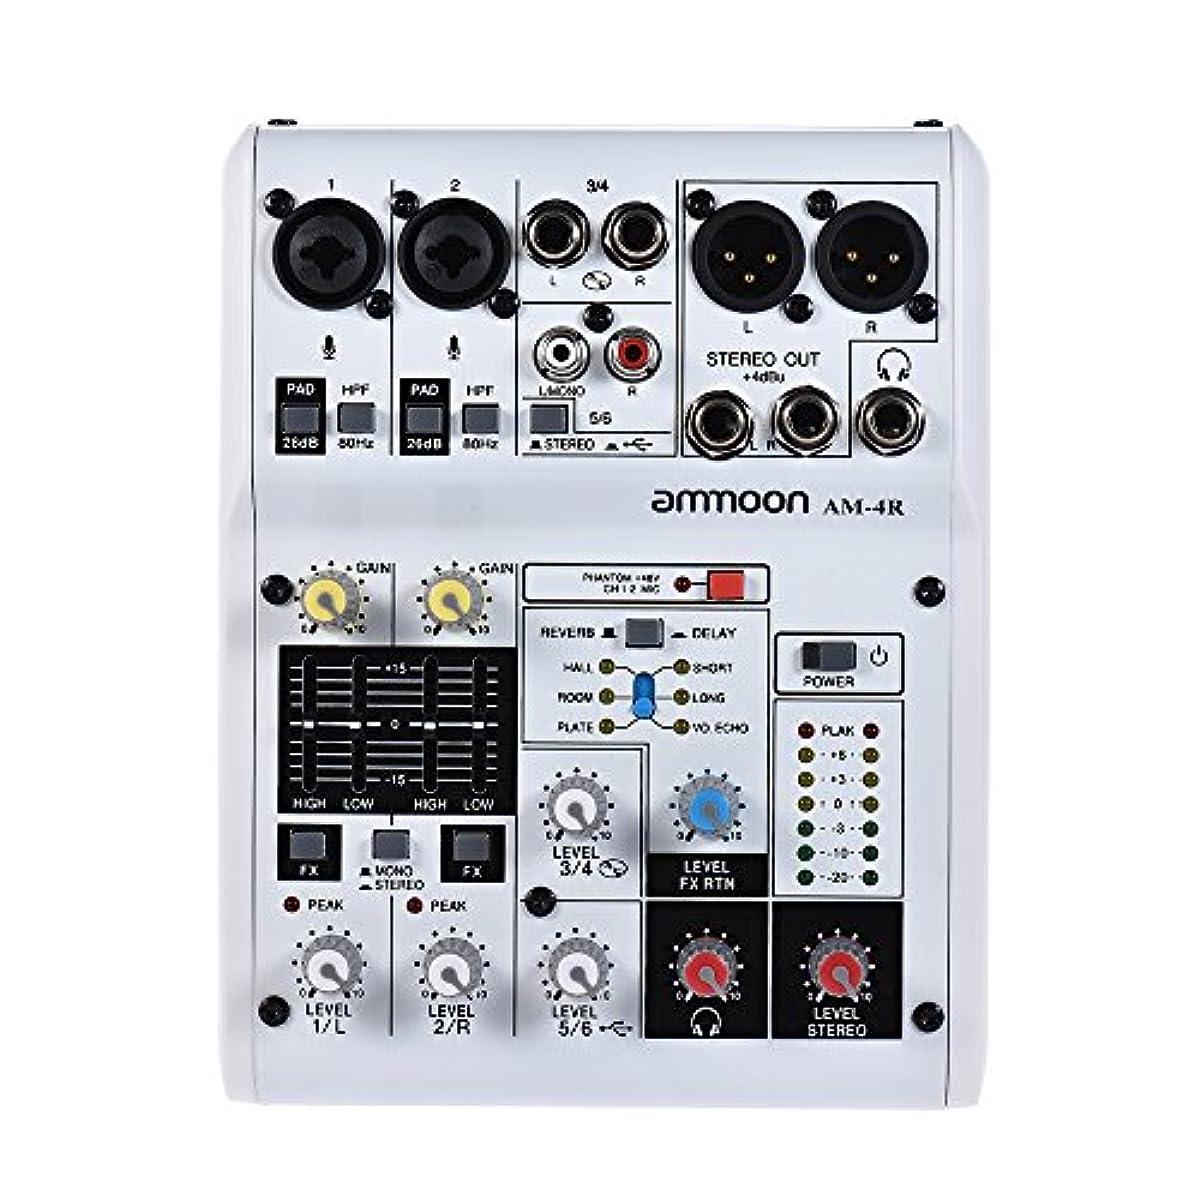 [해외] AMMOON 6채널 오디오 믹싱 콘솔 사운드 카드 디지탈 내장48V팬다무전원 서포트 전원 어댑터 USB케이블 부착 녹음 DJ넷 워크 라이브 방송 컬러오케용 AM-4R